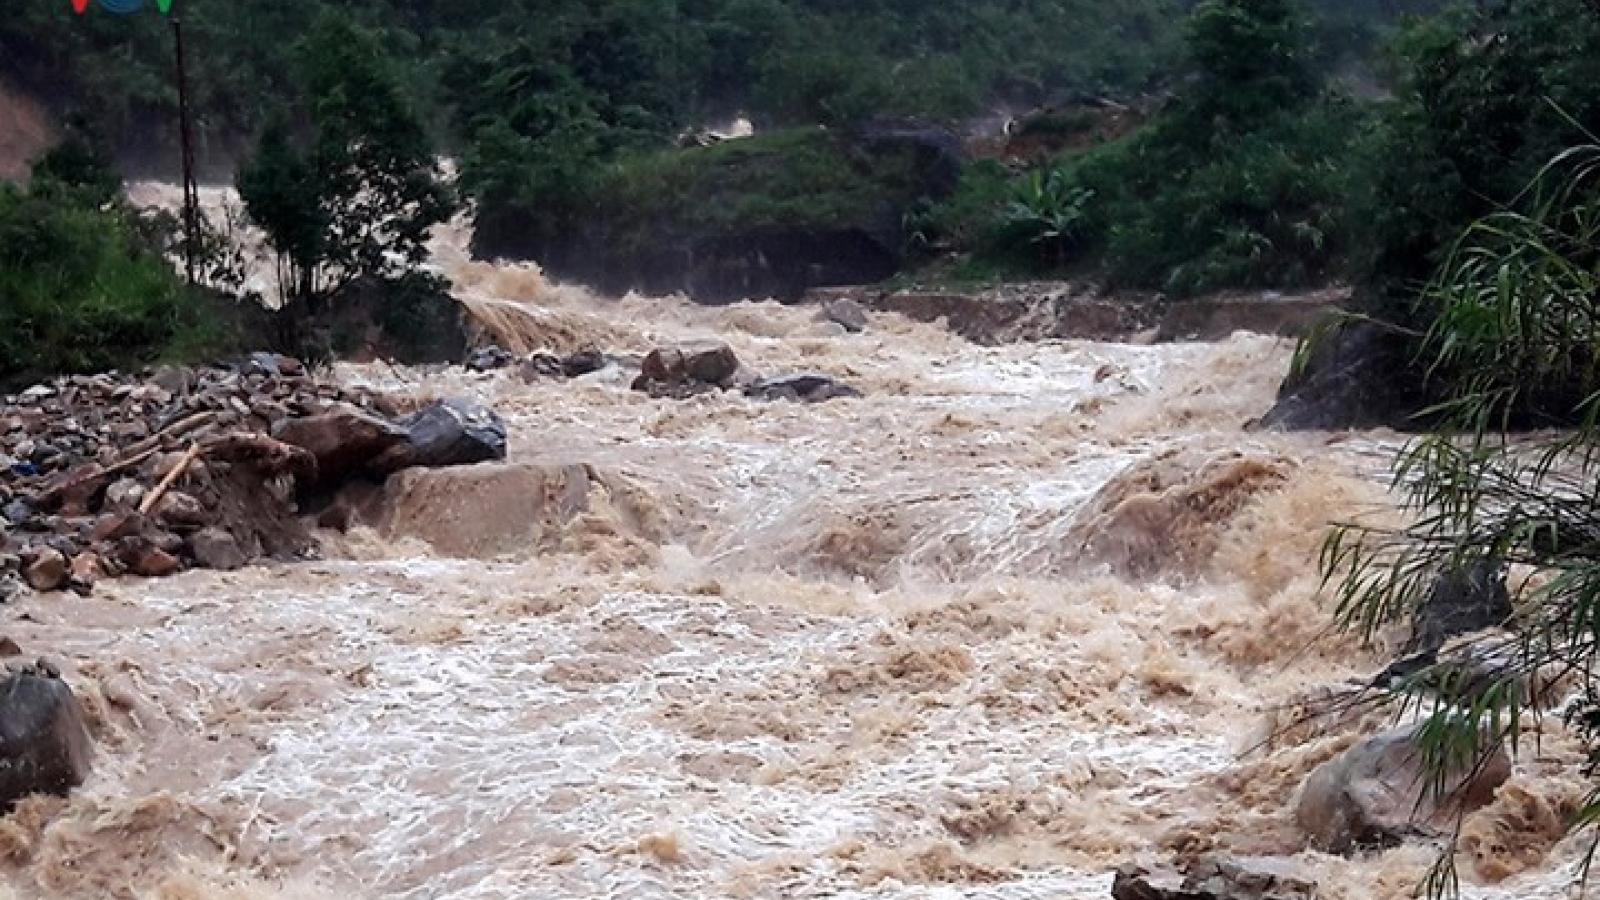 Mưa to lũ ống thiệt hại lớn đến nhiều hộ dân tại Hà Giang